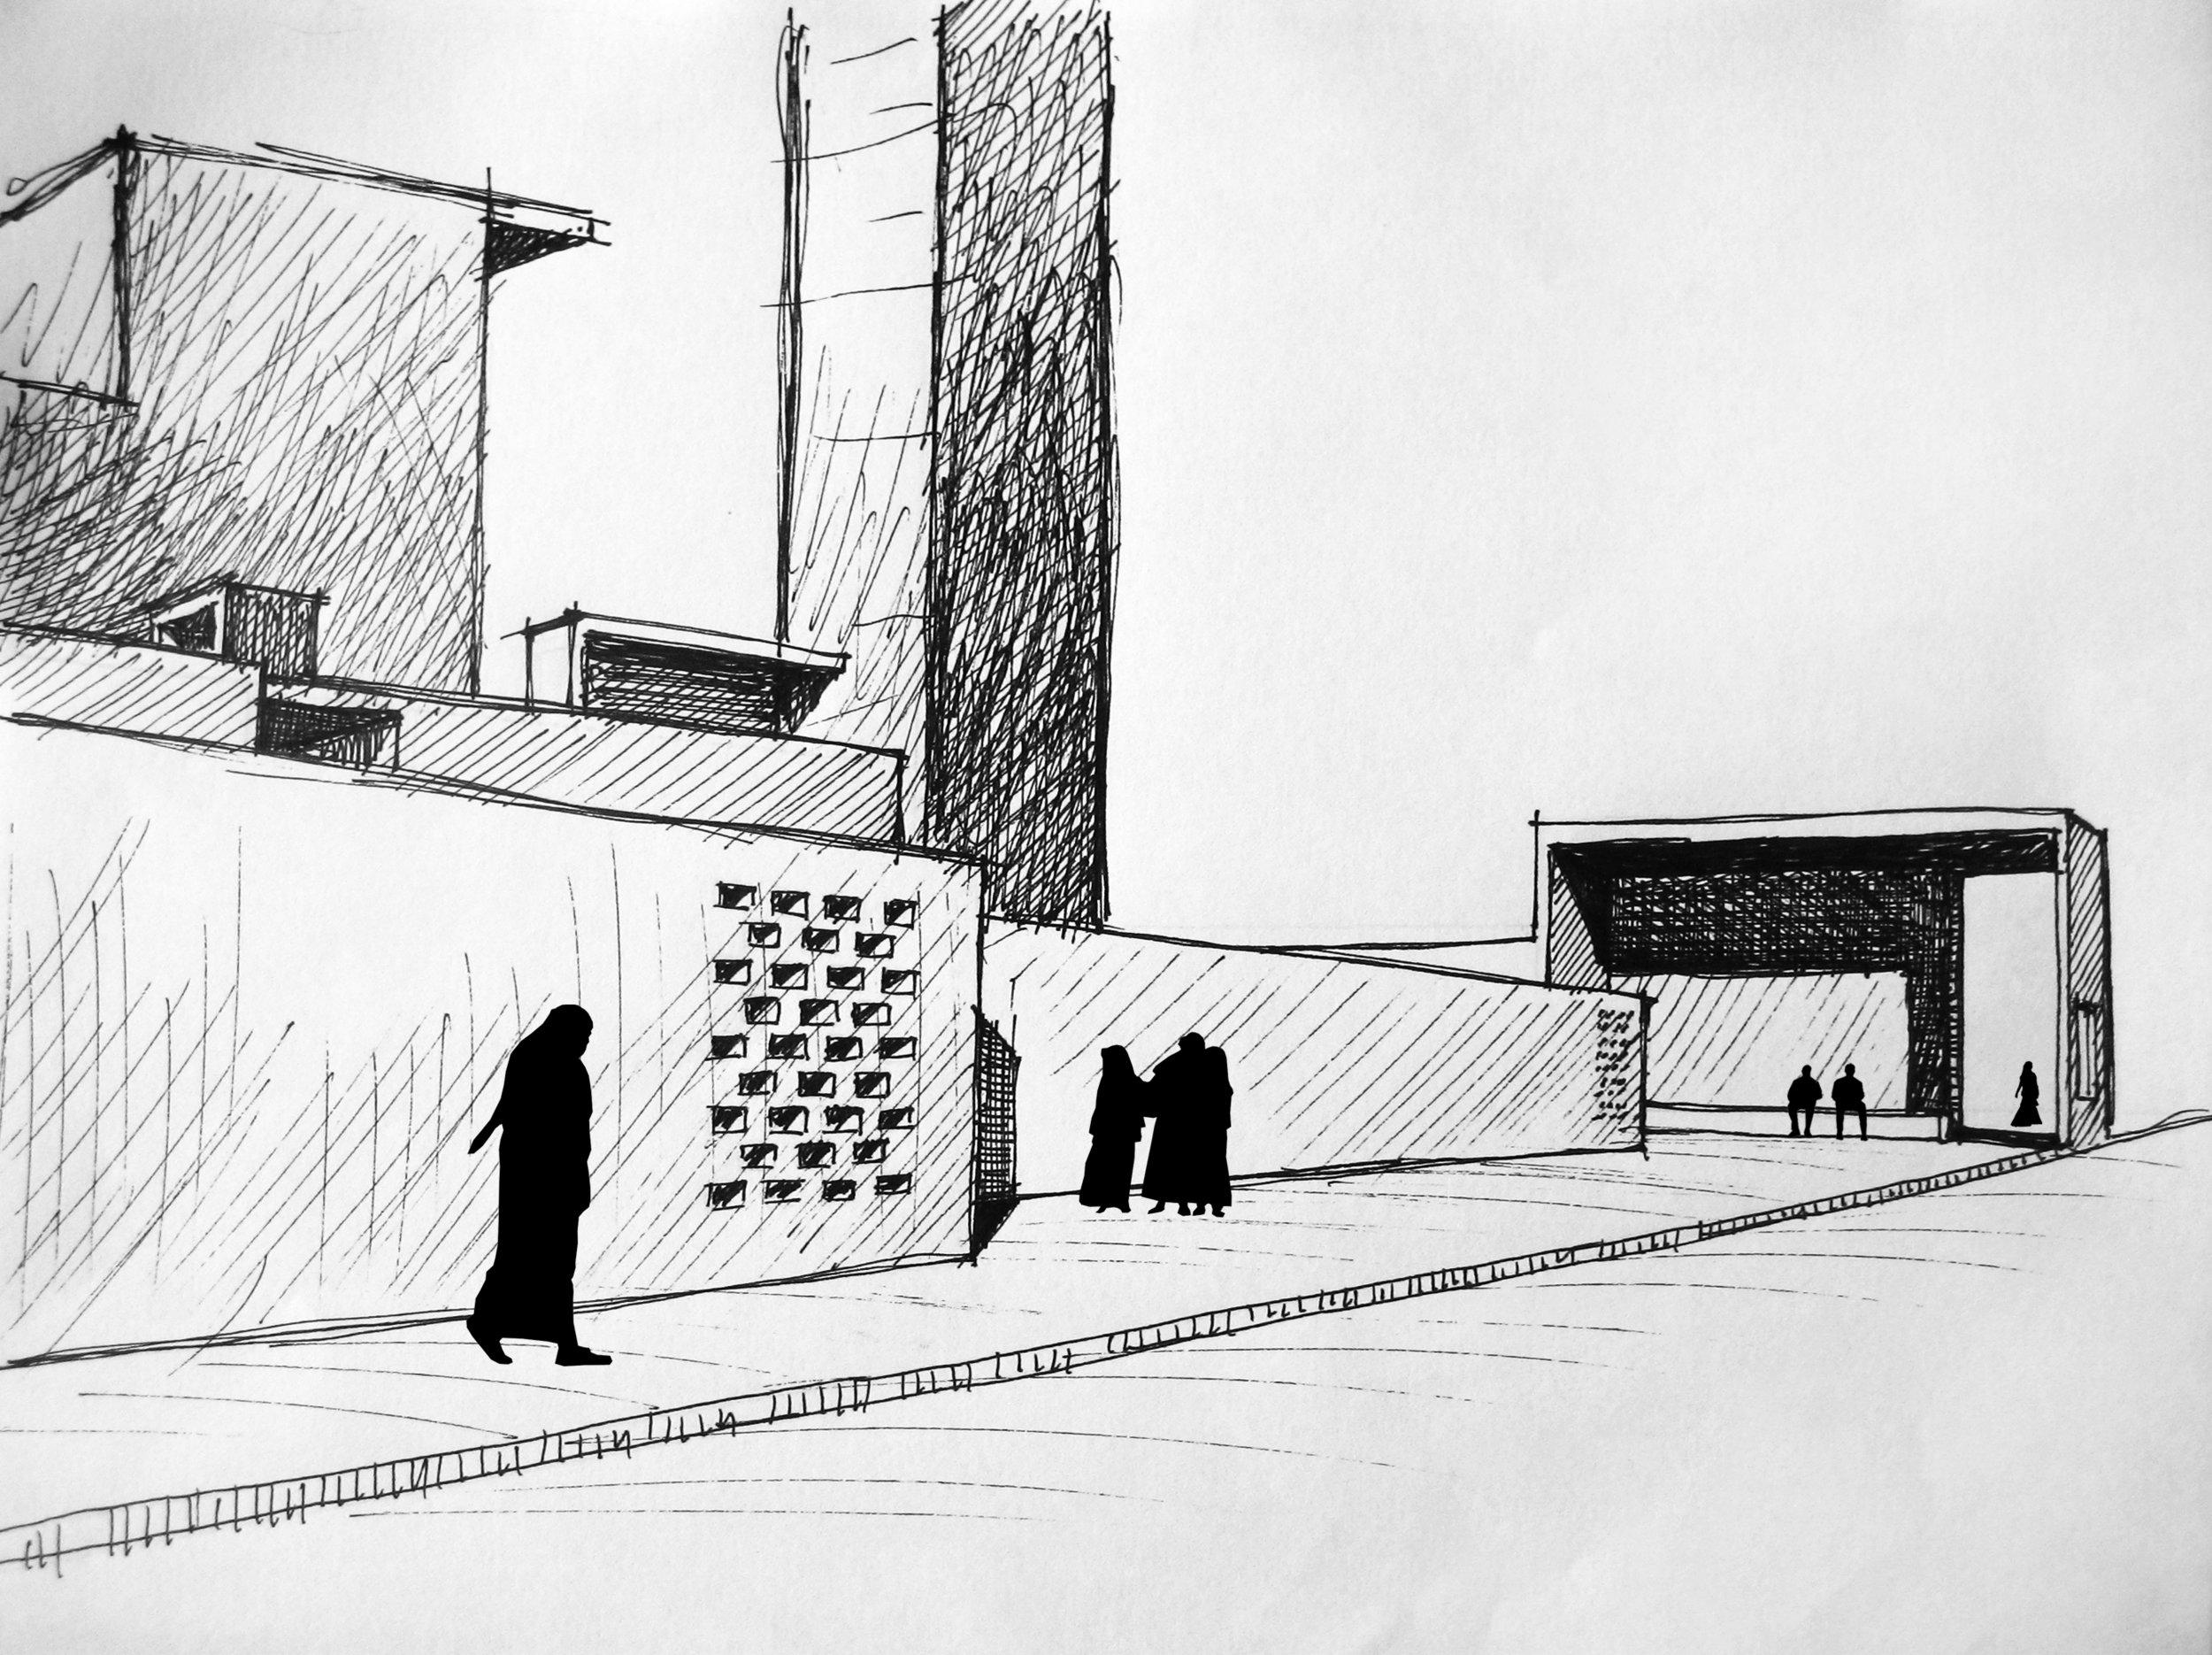 mosque approach peeps 02.jpg